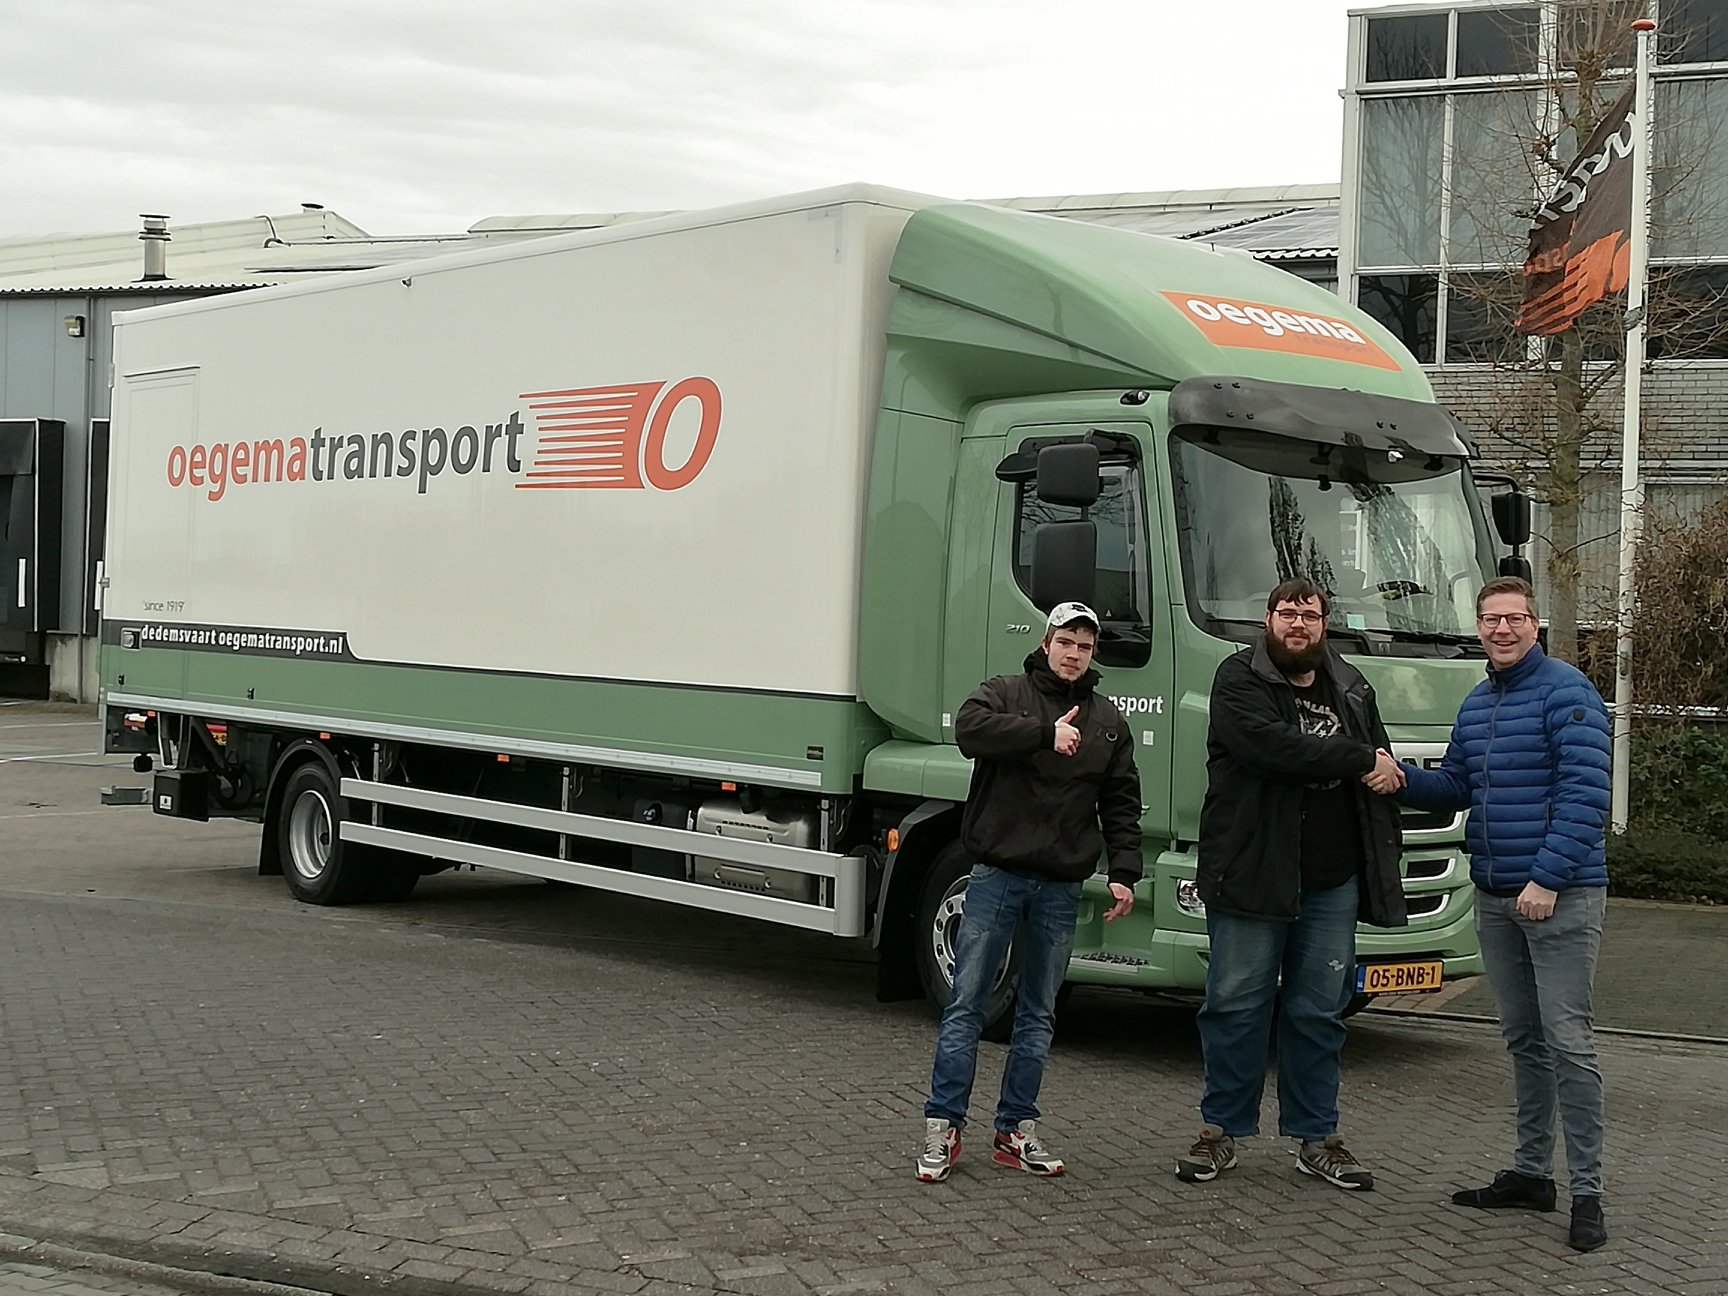 Richard-Alferink-en-Roy-de-Wolde-gaan-vandaag-voor-het-eerst-met-hun-nieuwe-bakwagen-de-weg-op--12-3-2019